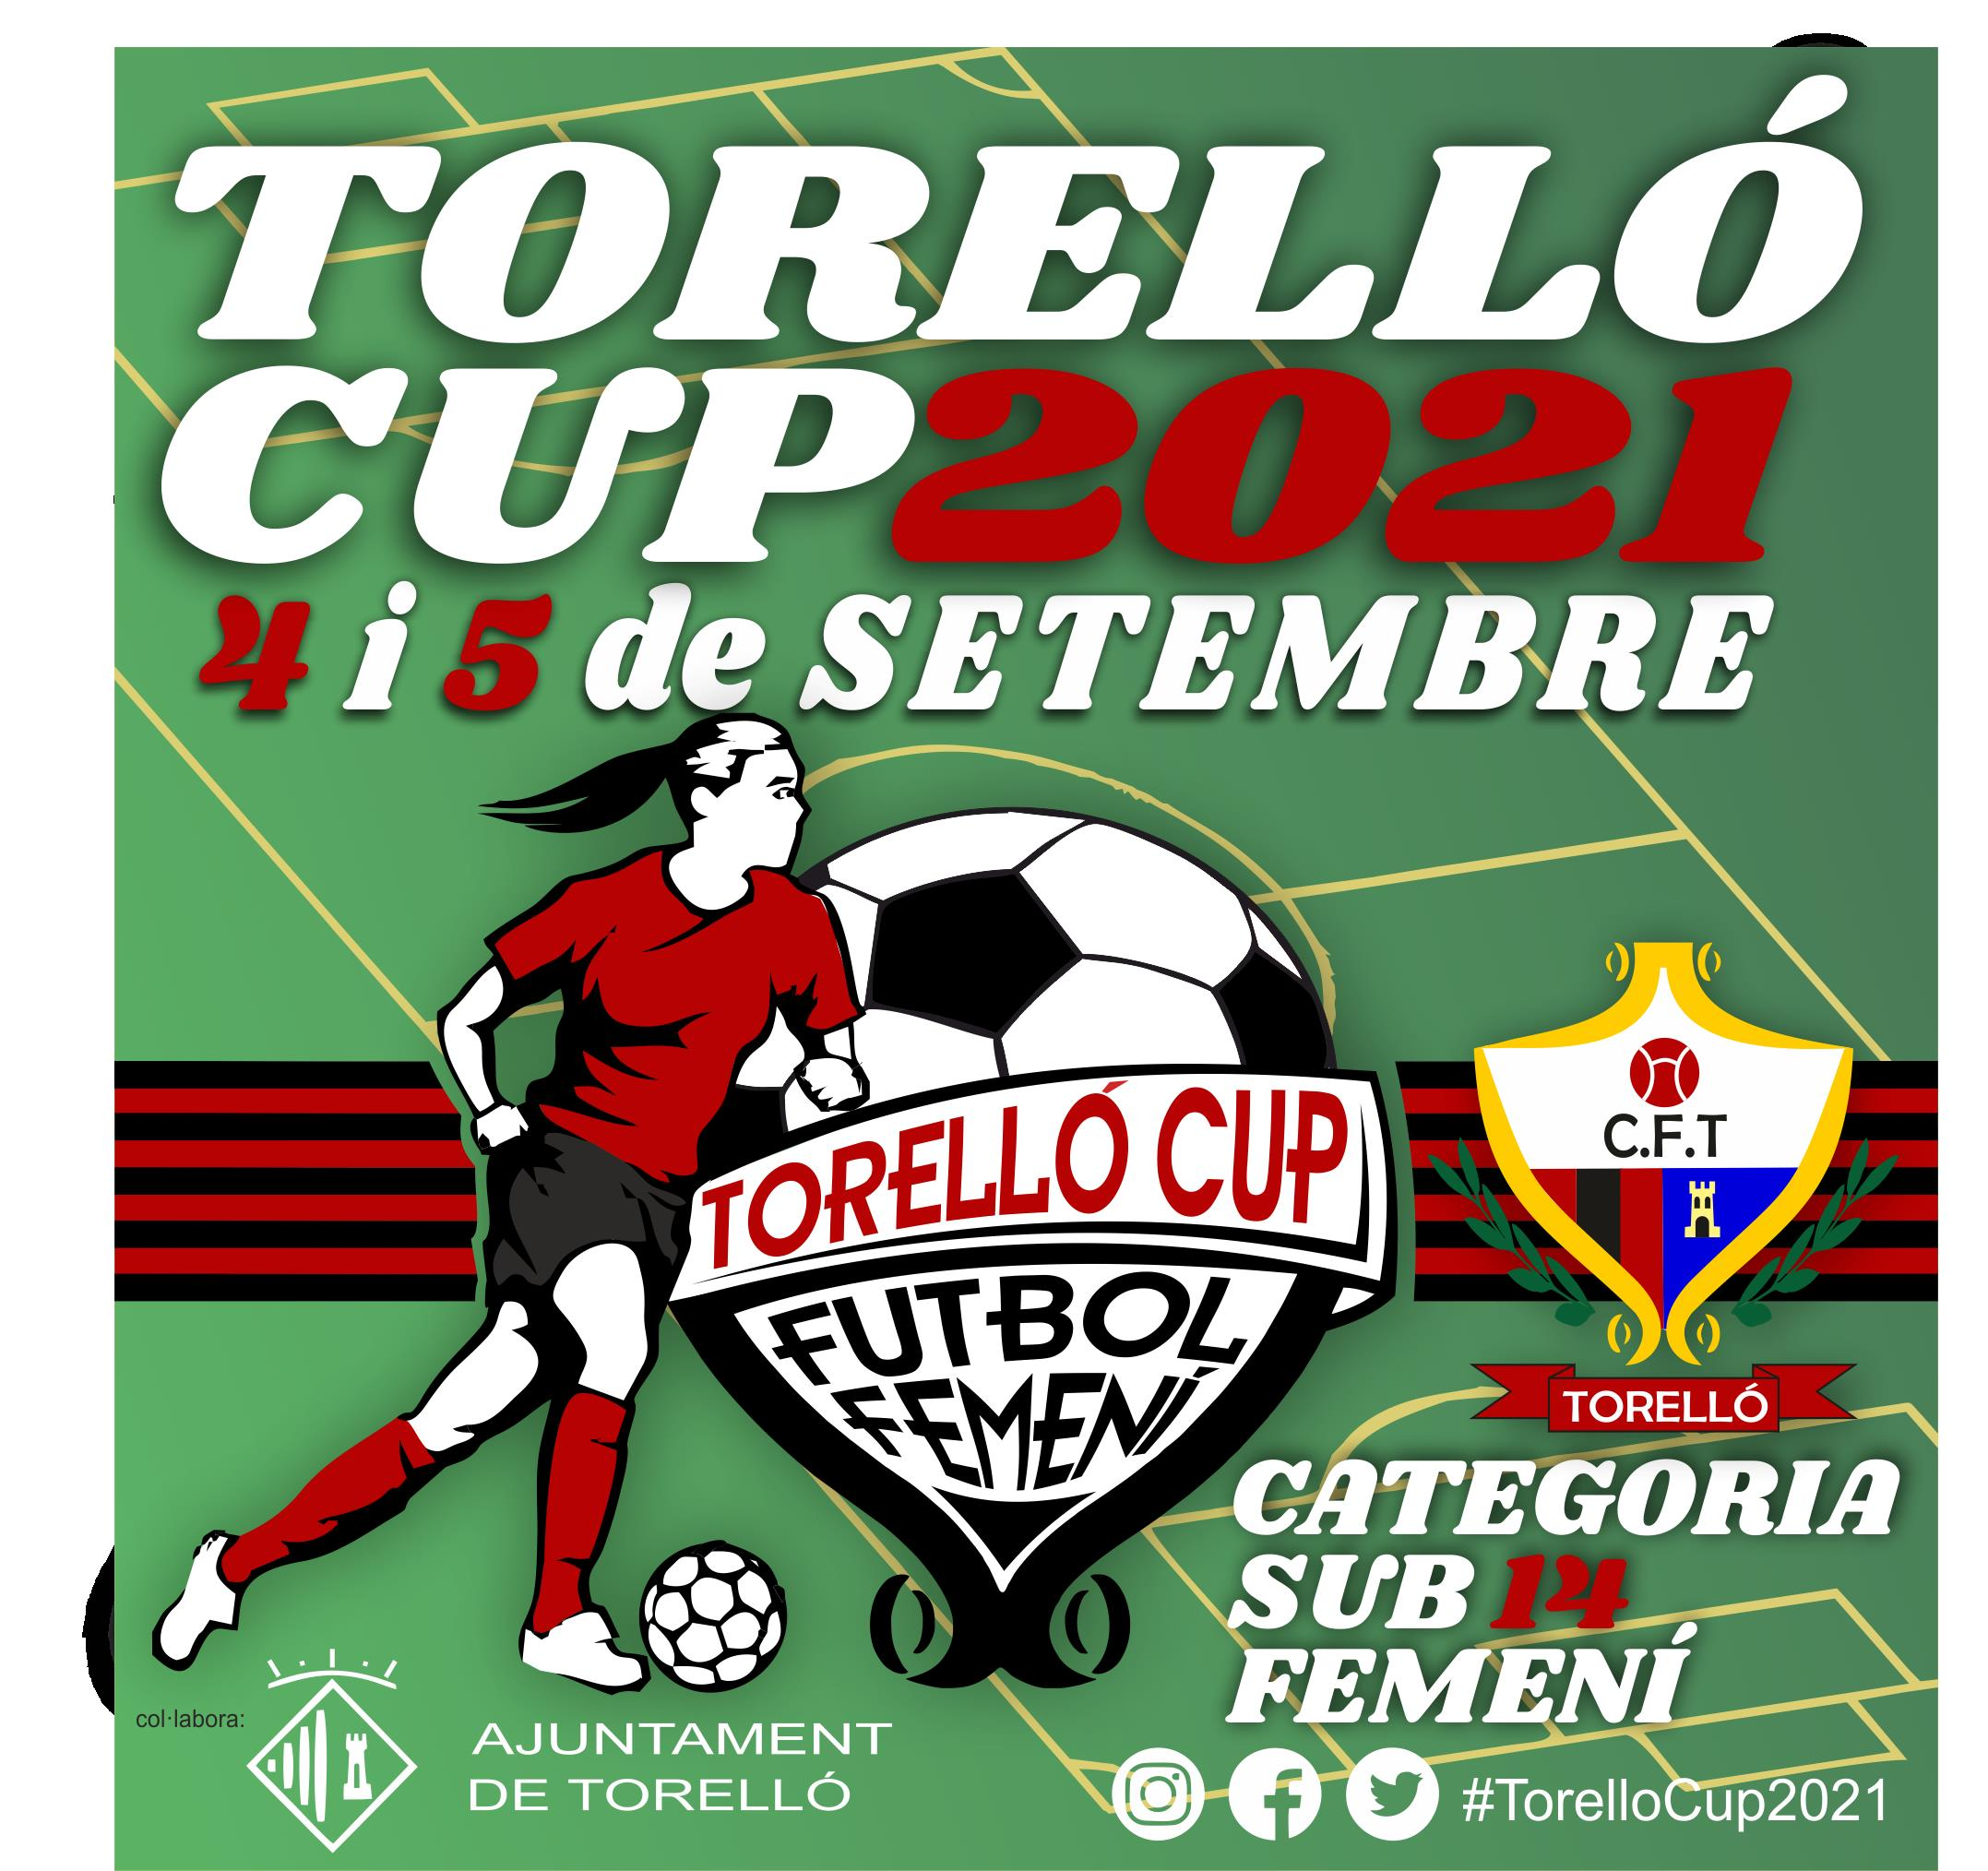 sds#TorelloCup2021 serà els dies 4 i 5 de Setembre 2021